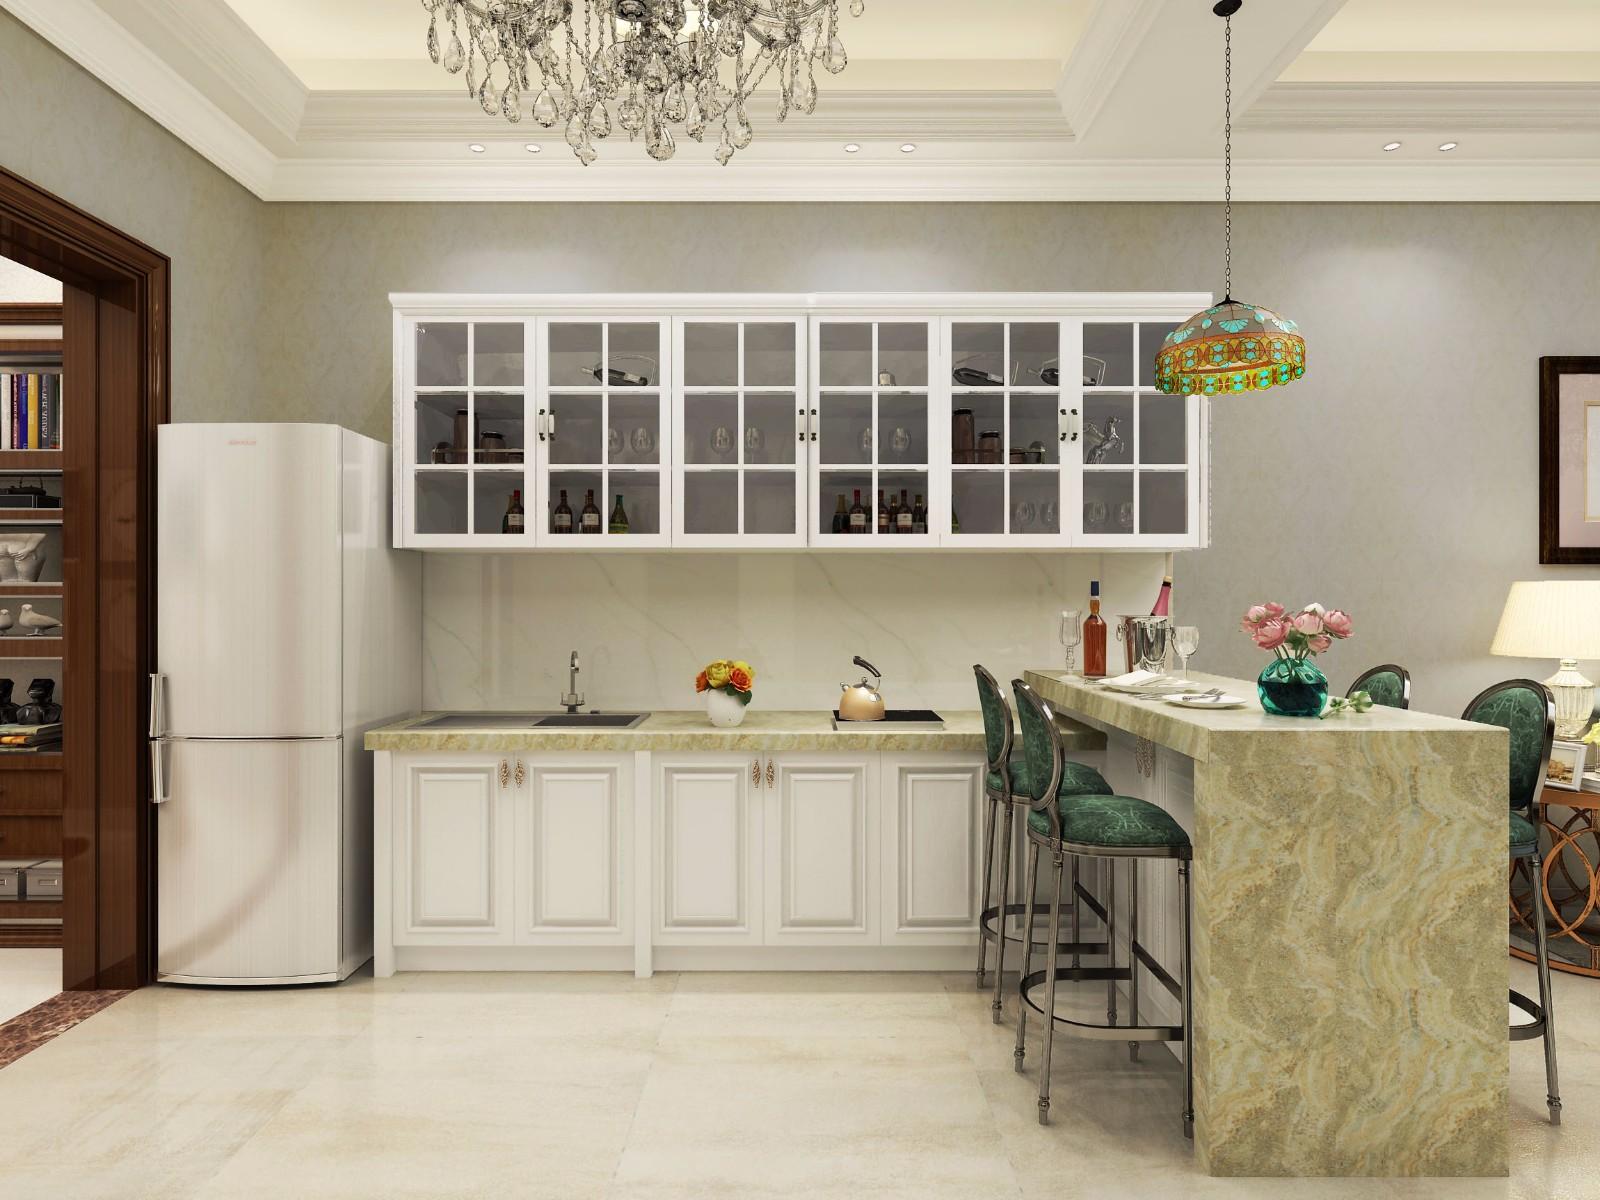 112平米混搭风格厨房装修效果图